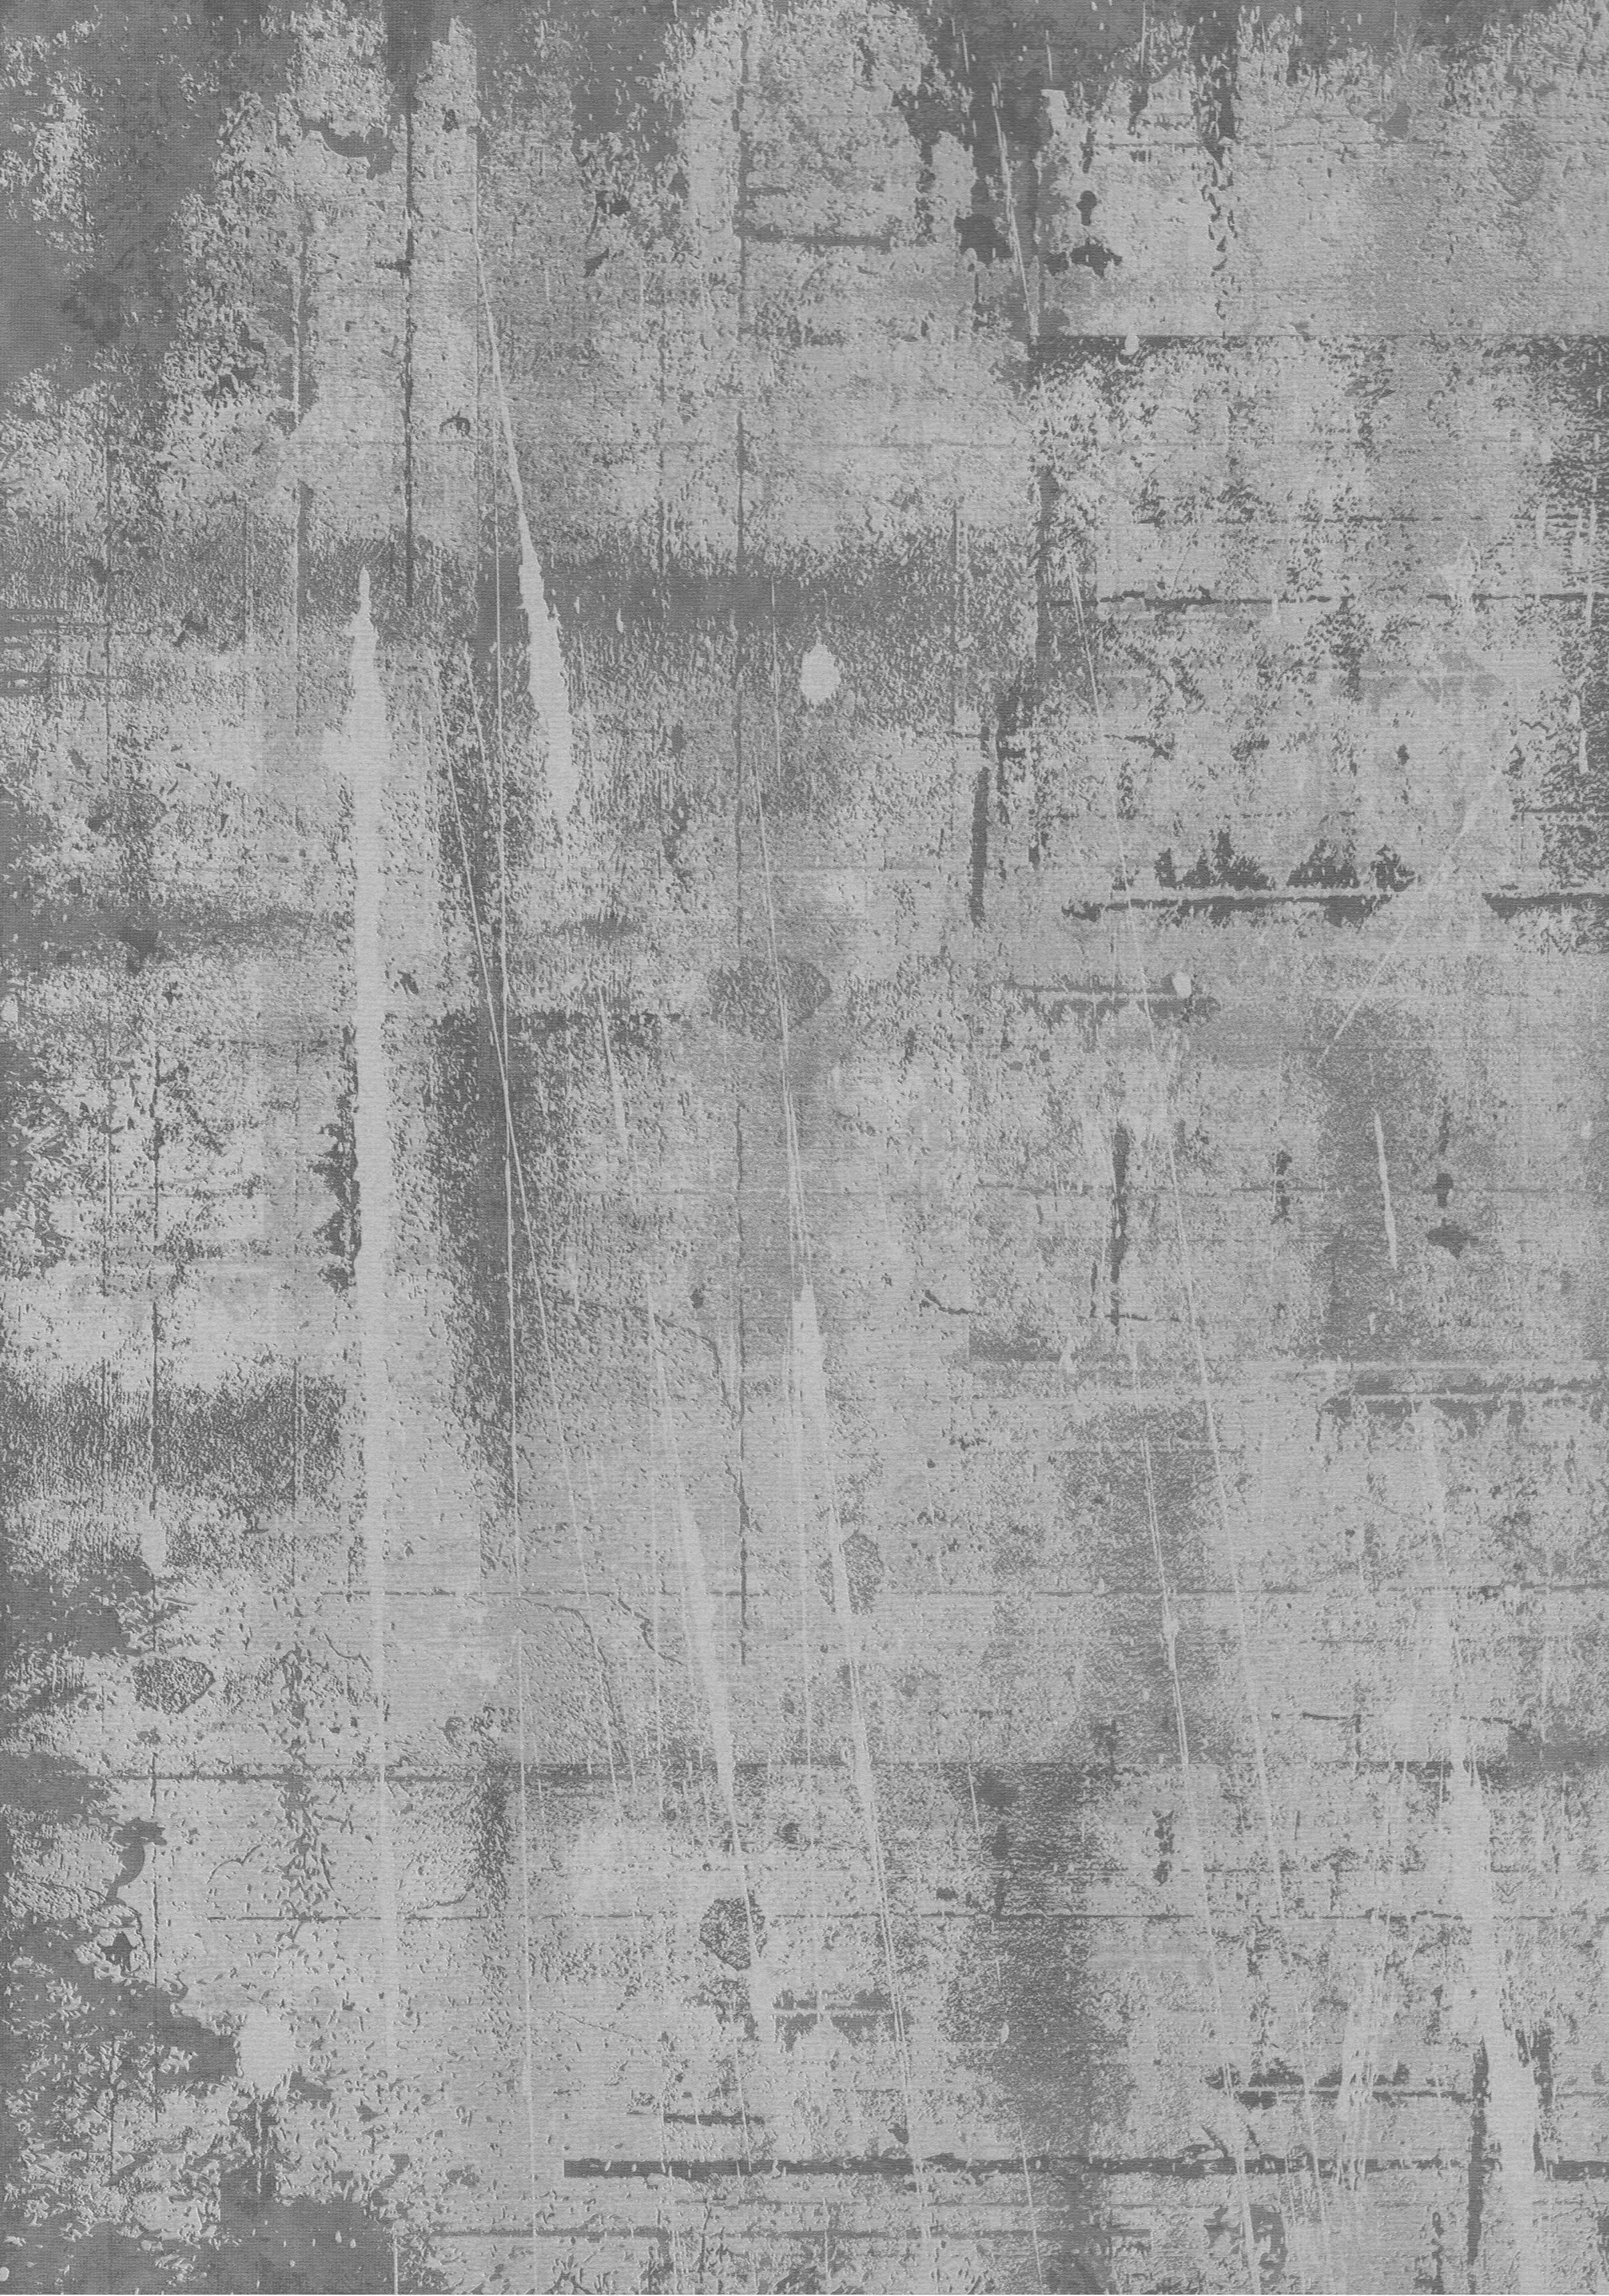 Grunge Texture 3 by GreenHammock on DeviantArt